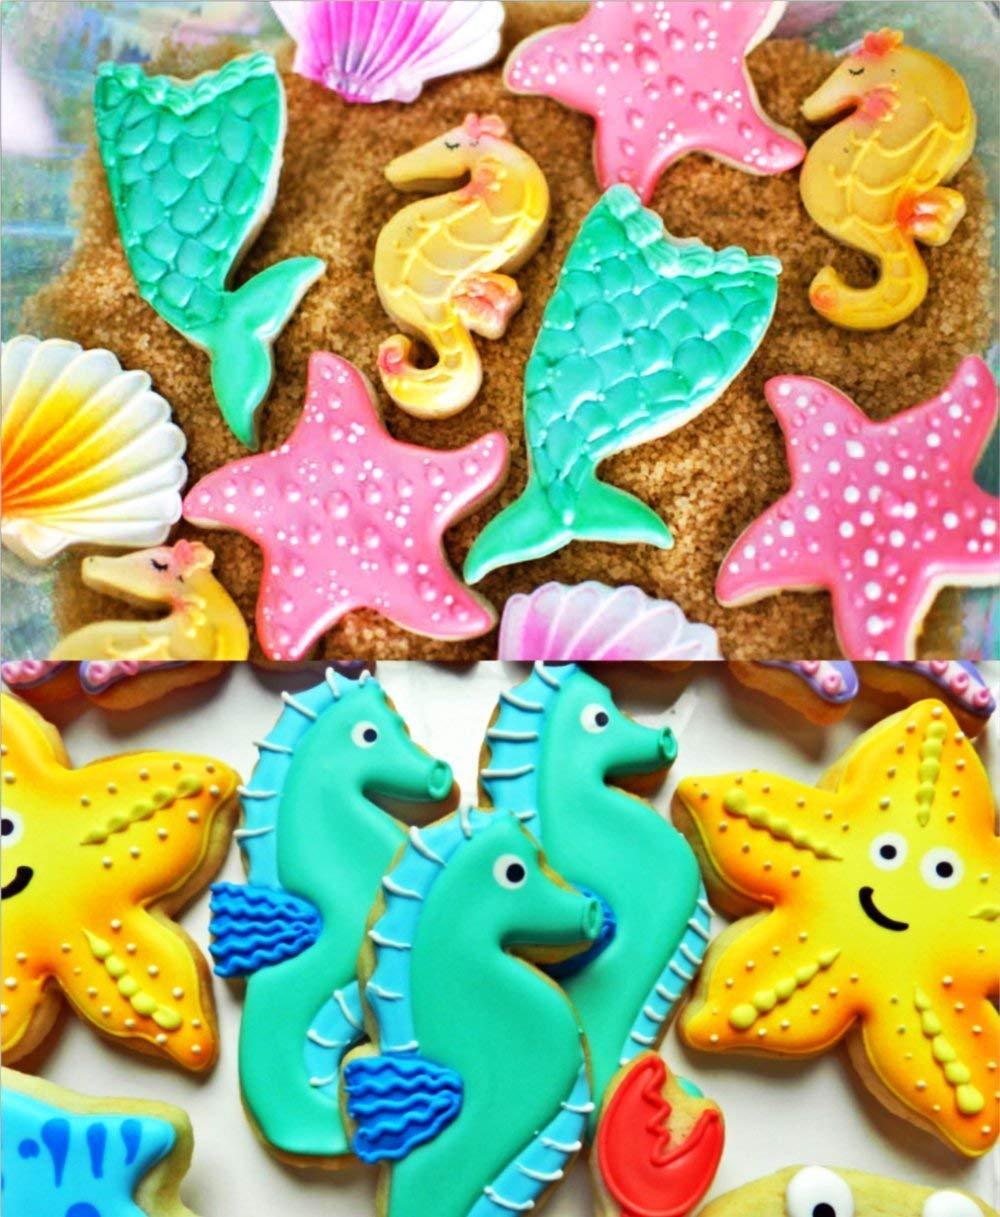 HONYAO Criaturas del Mar Cortadores de Galletas Sirena / Estrella de Mar / Caballito de Mar / Concha Cortadores de Galletas para Niños Cortadores de Pasta ...